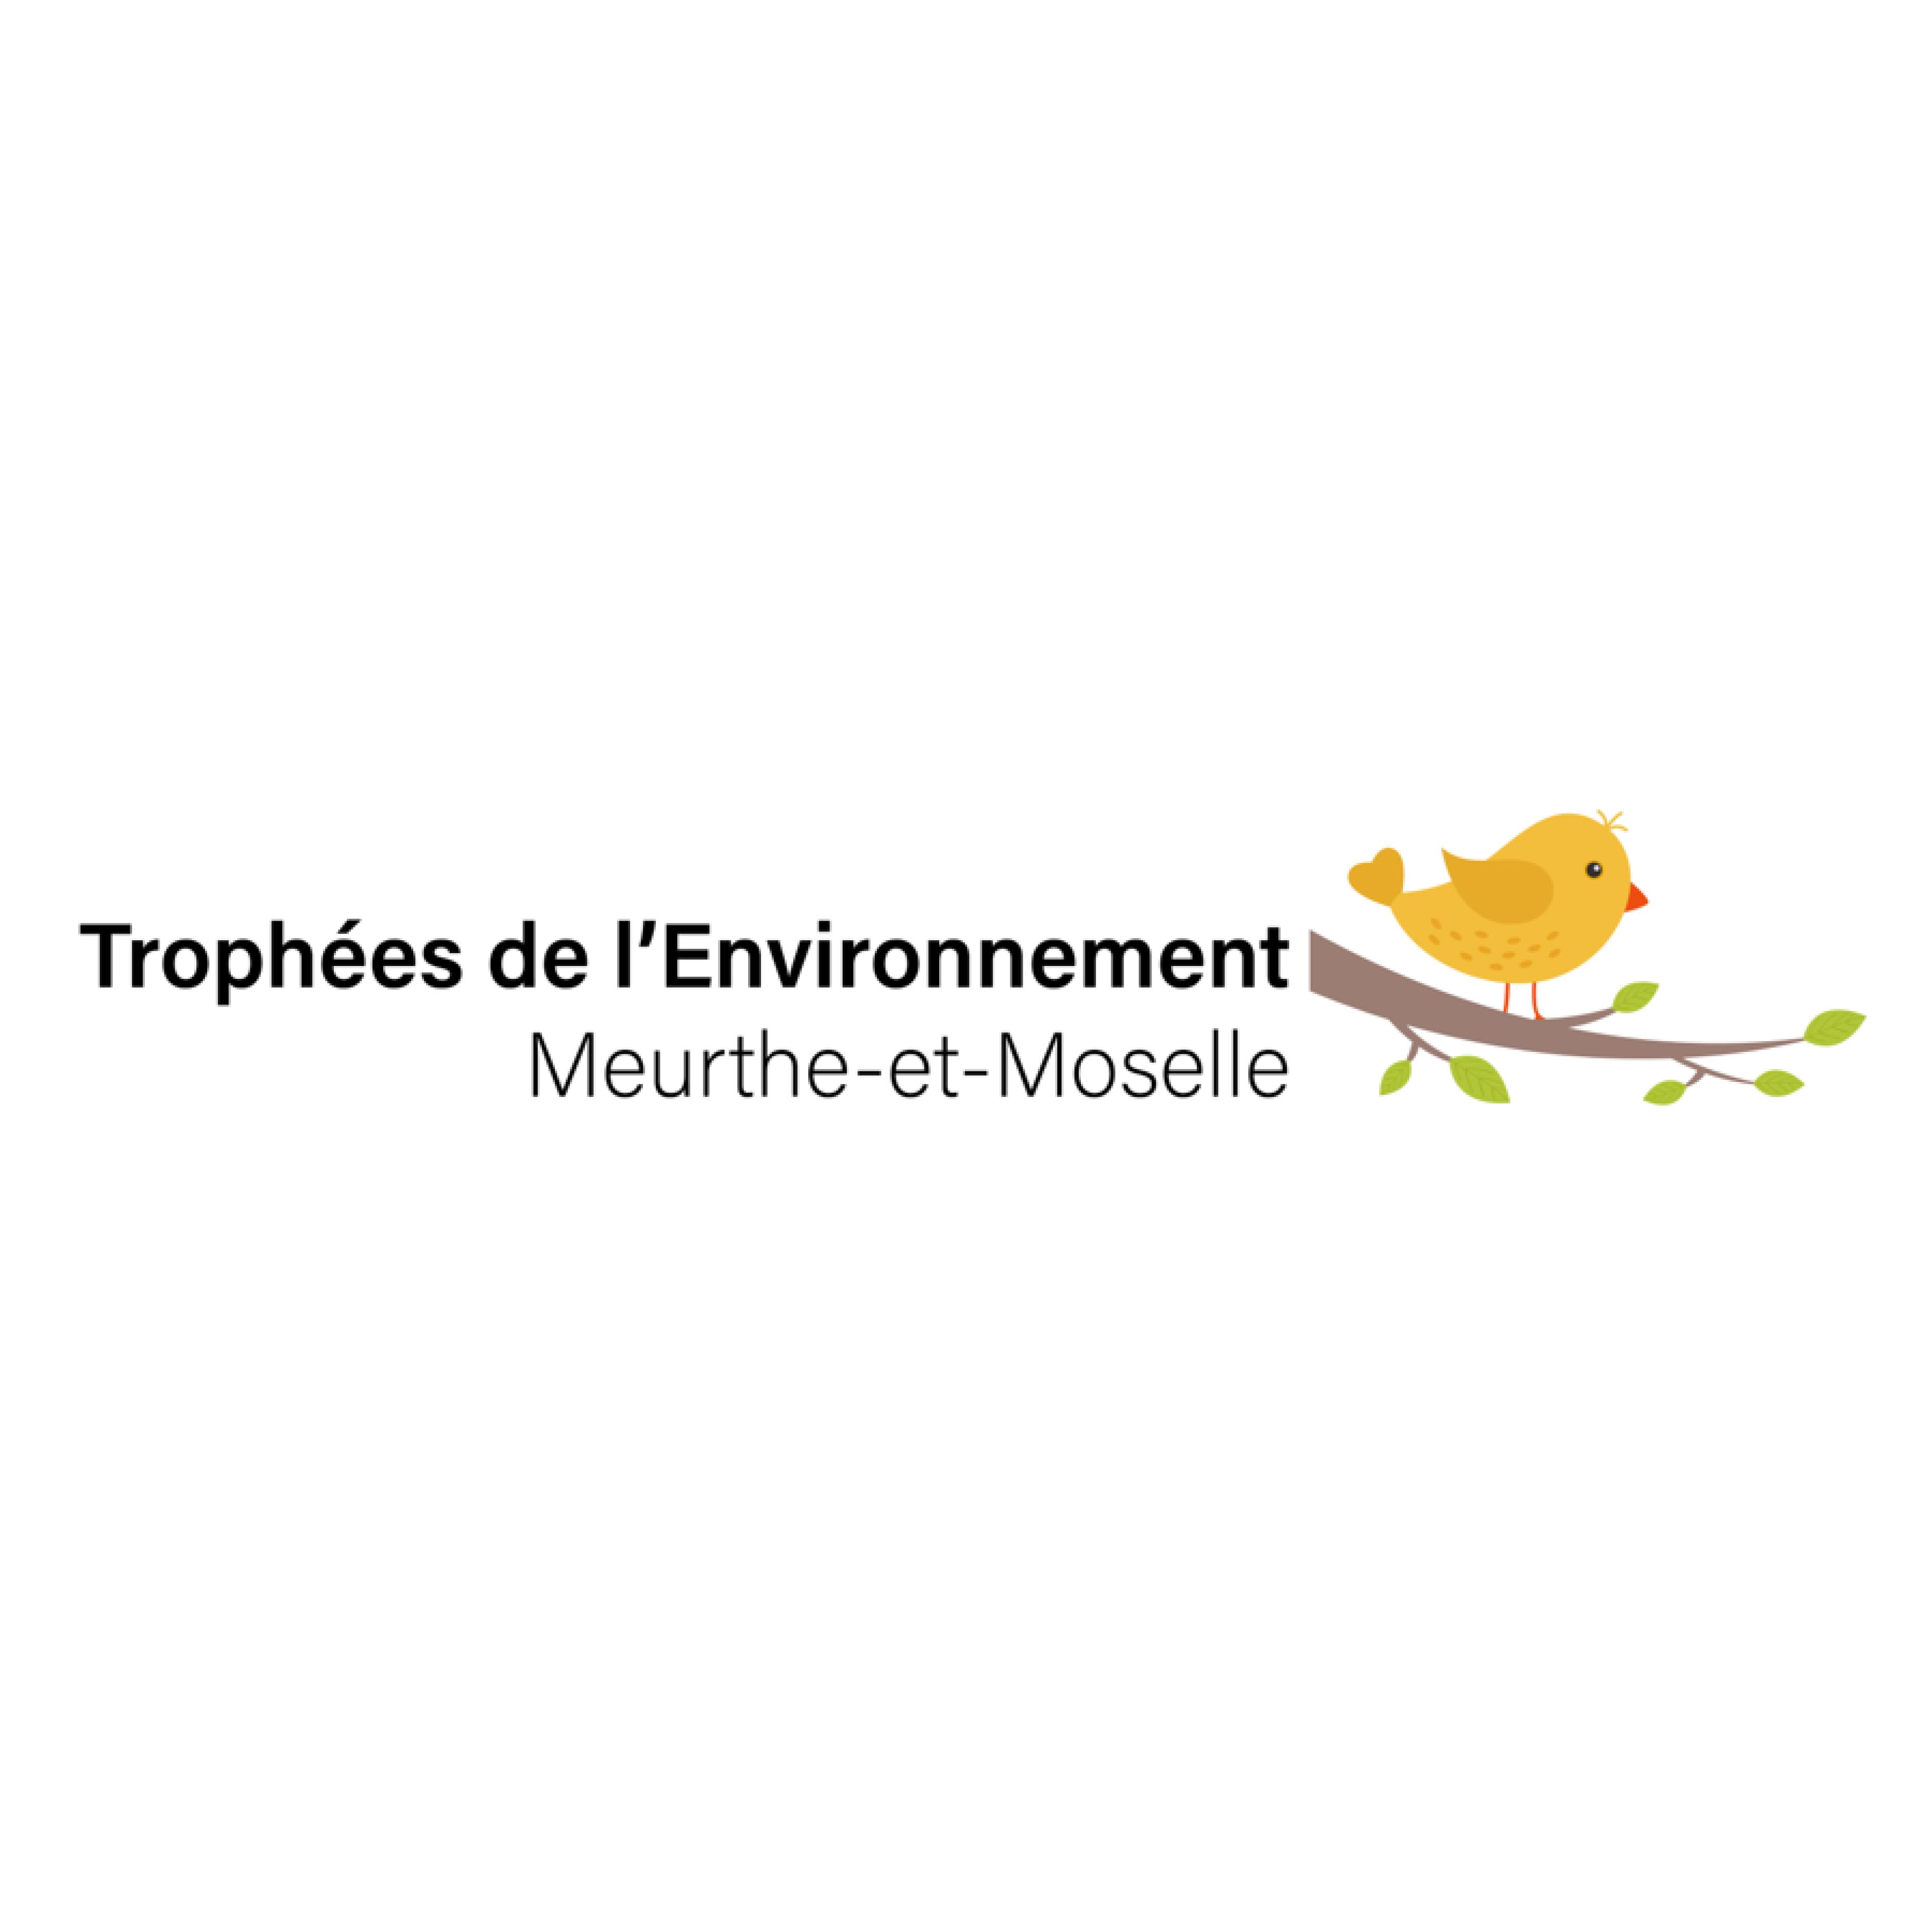 Trophées de l'Environnement Meurthe-et-Moselle